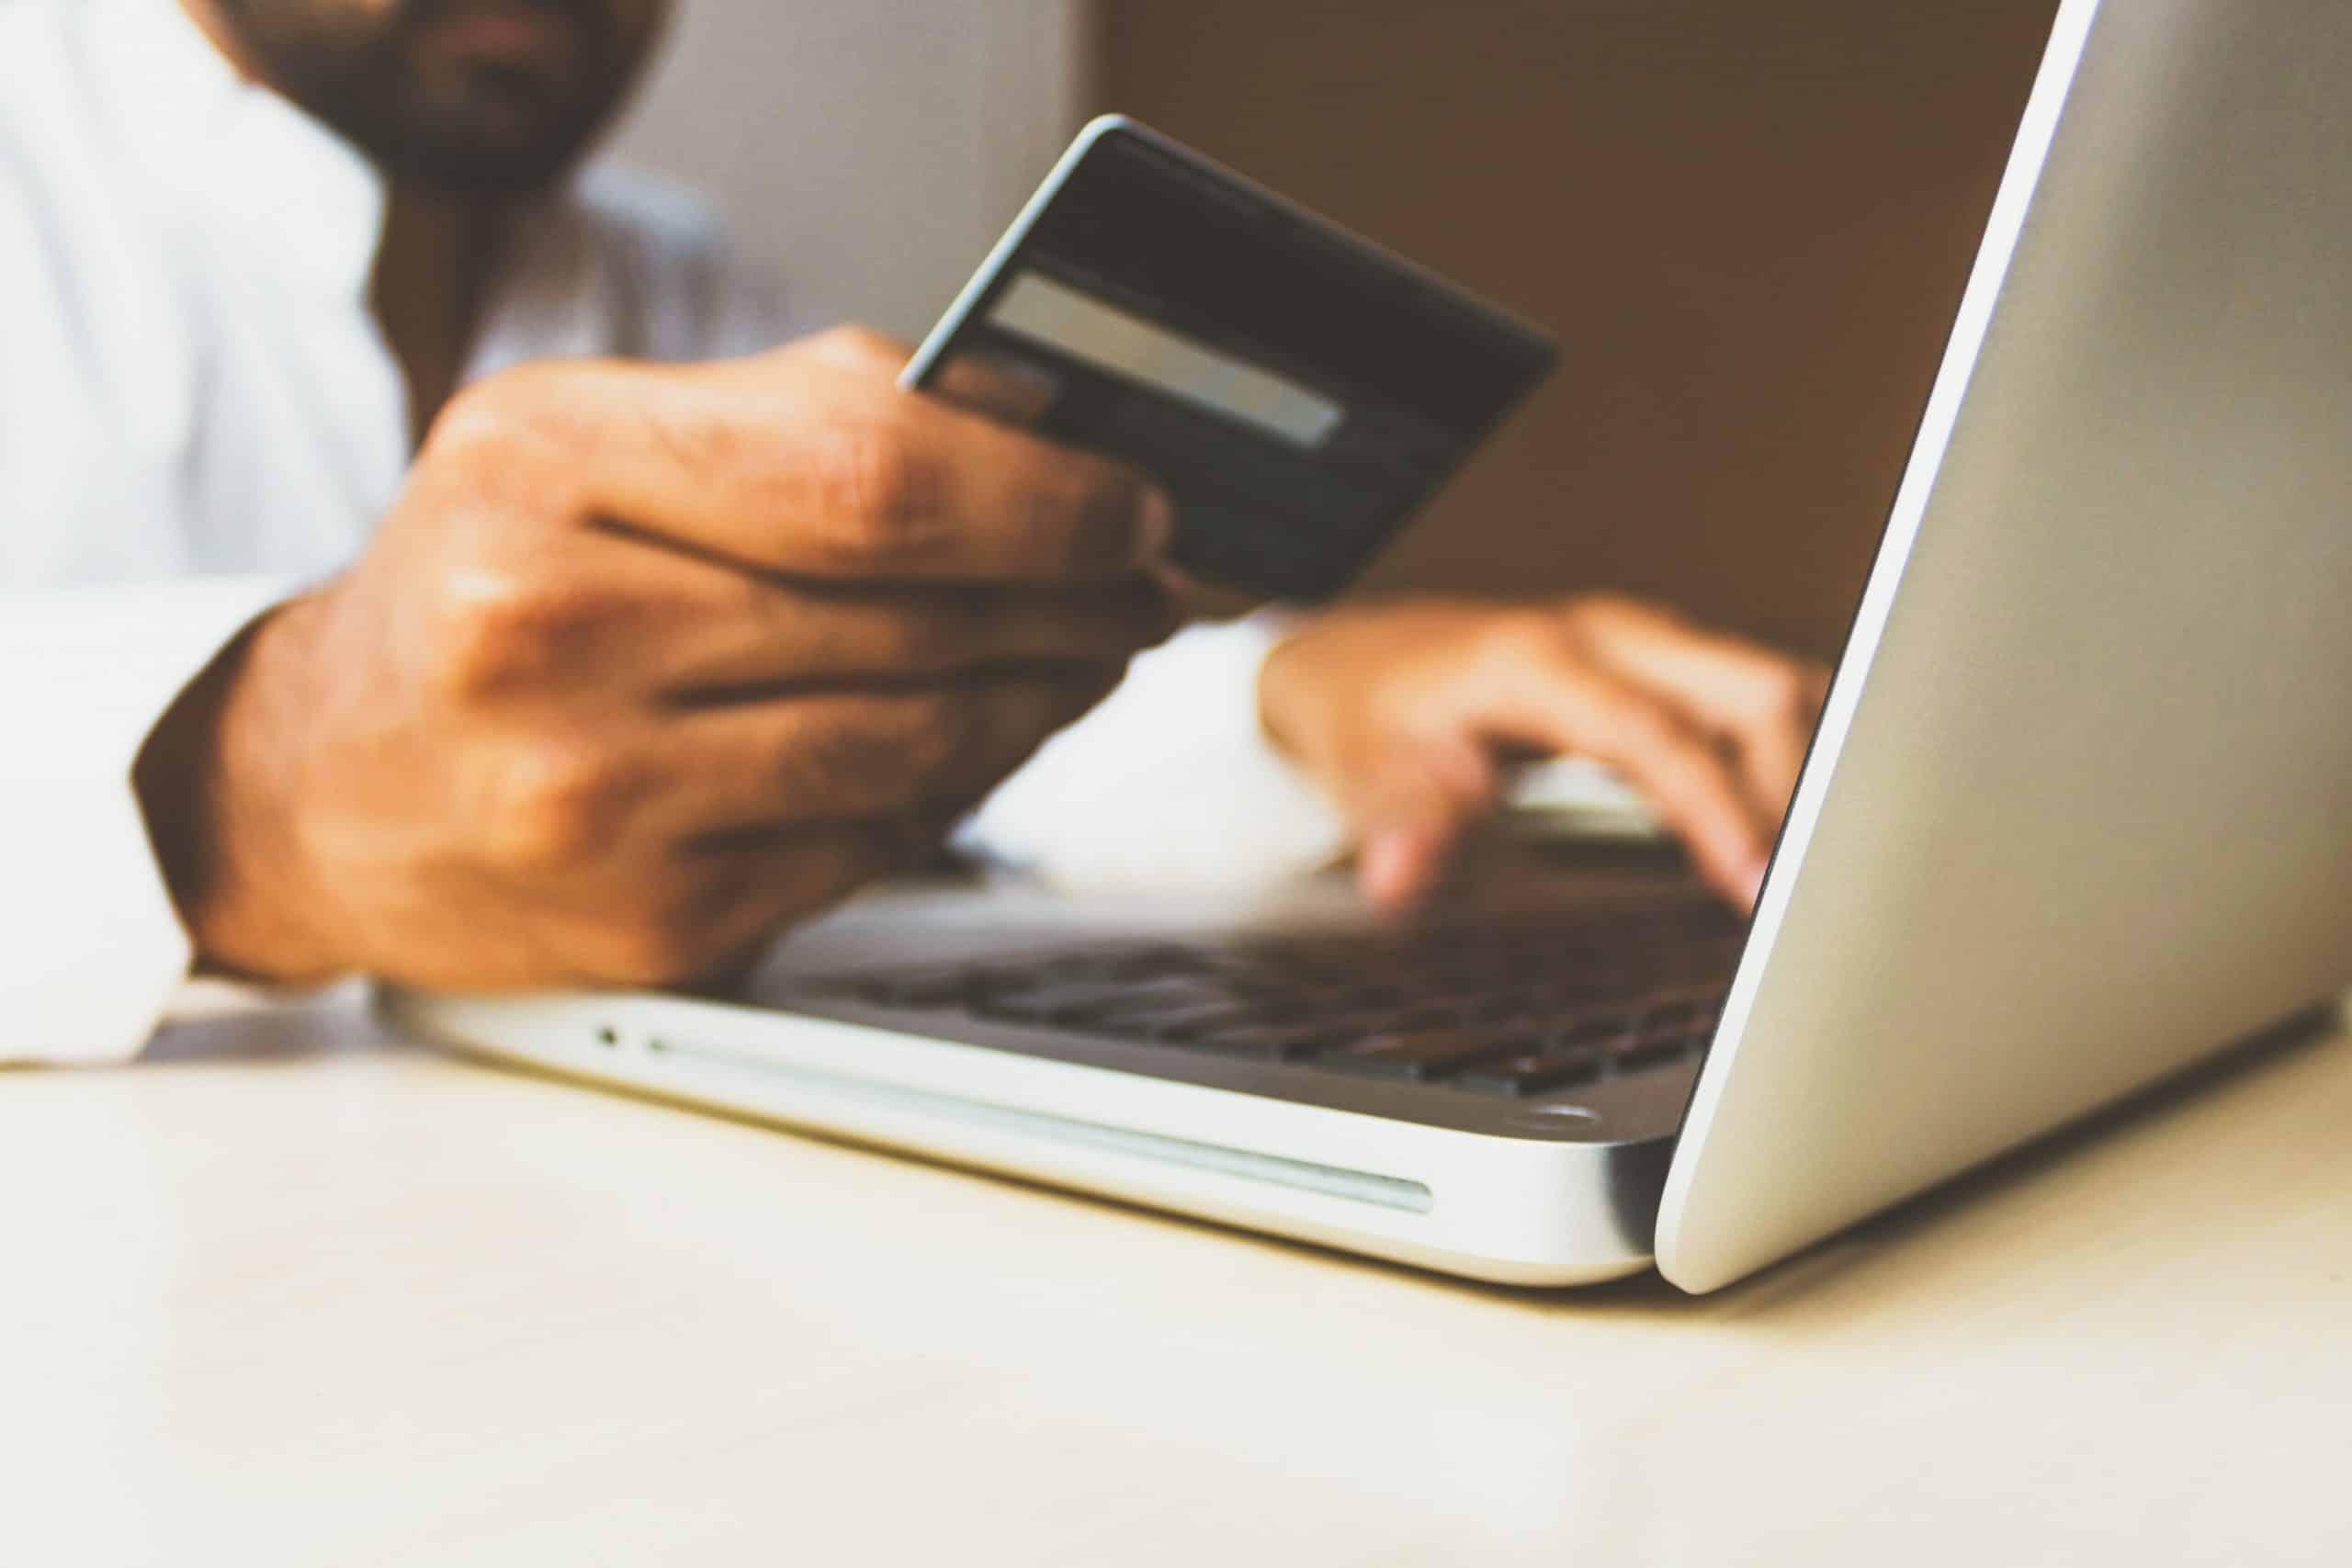 Préstamos personales sin comprobante de ingresos